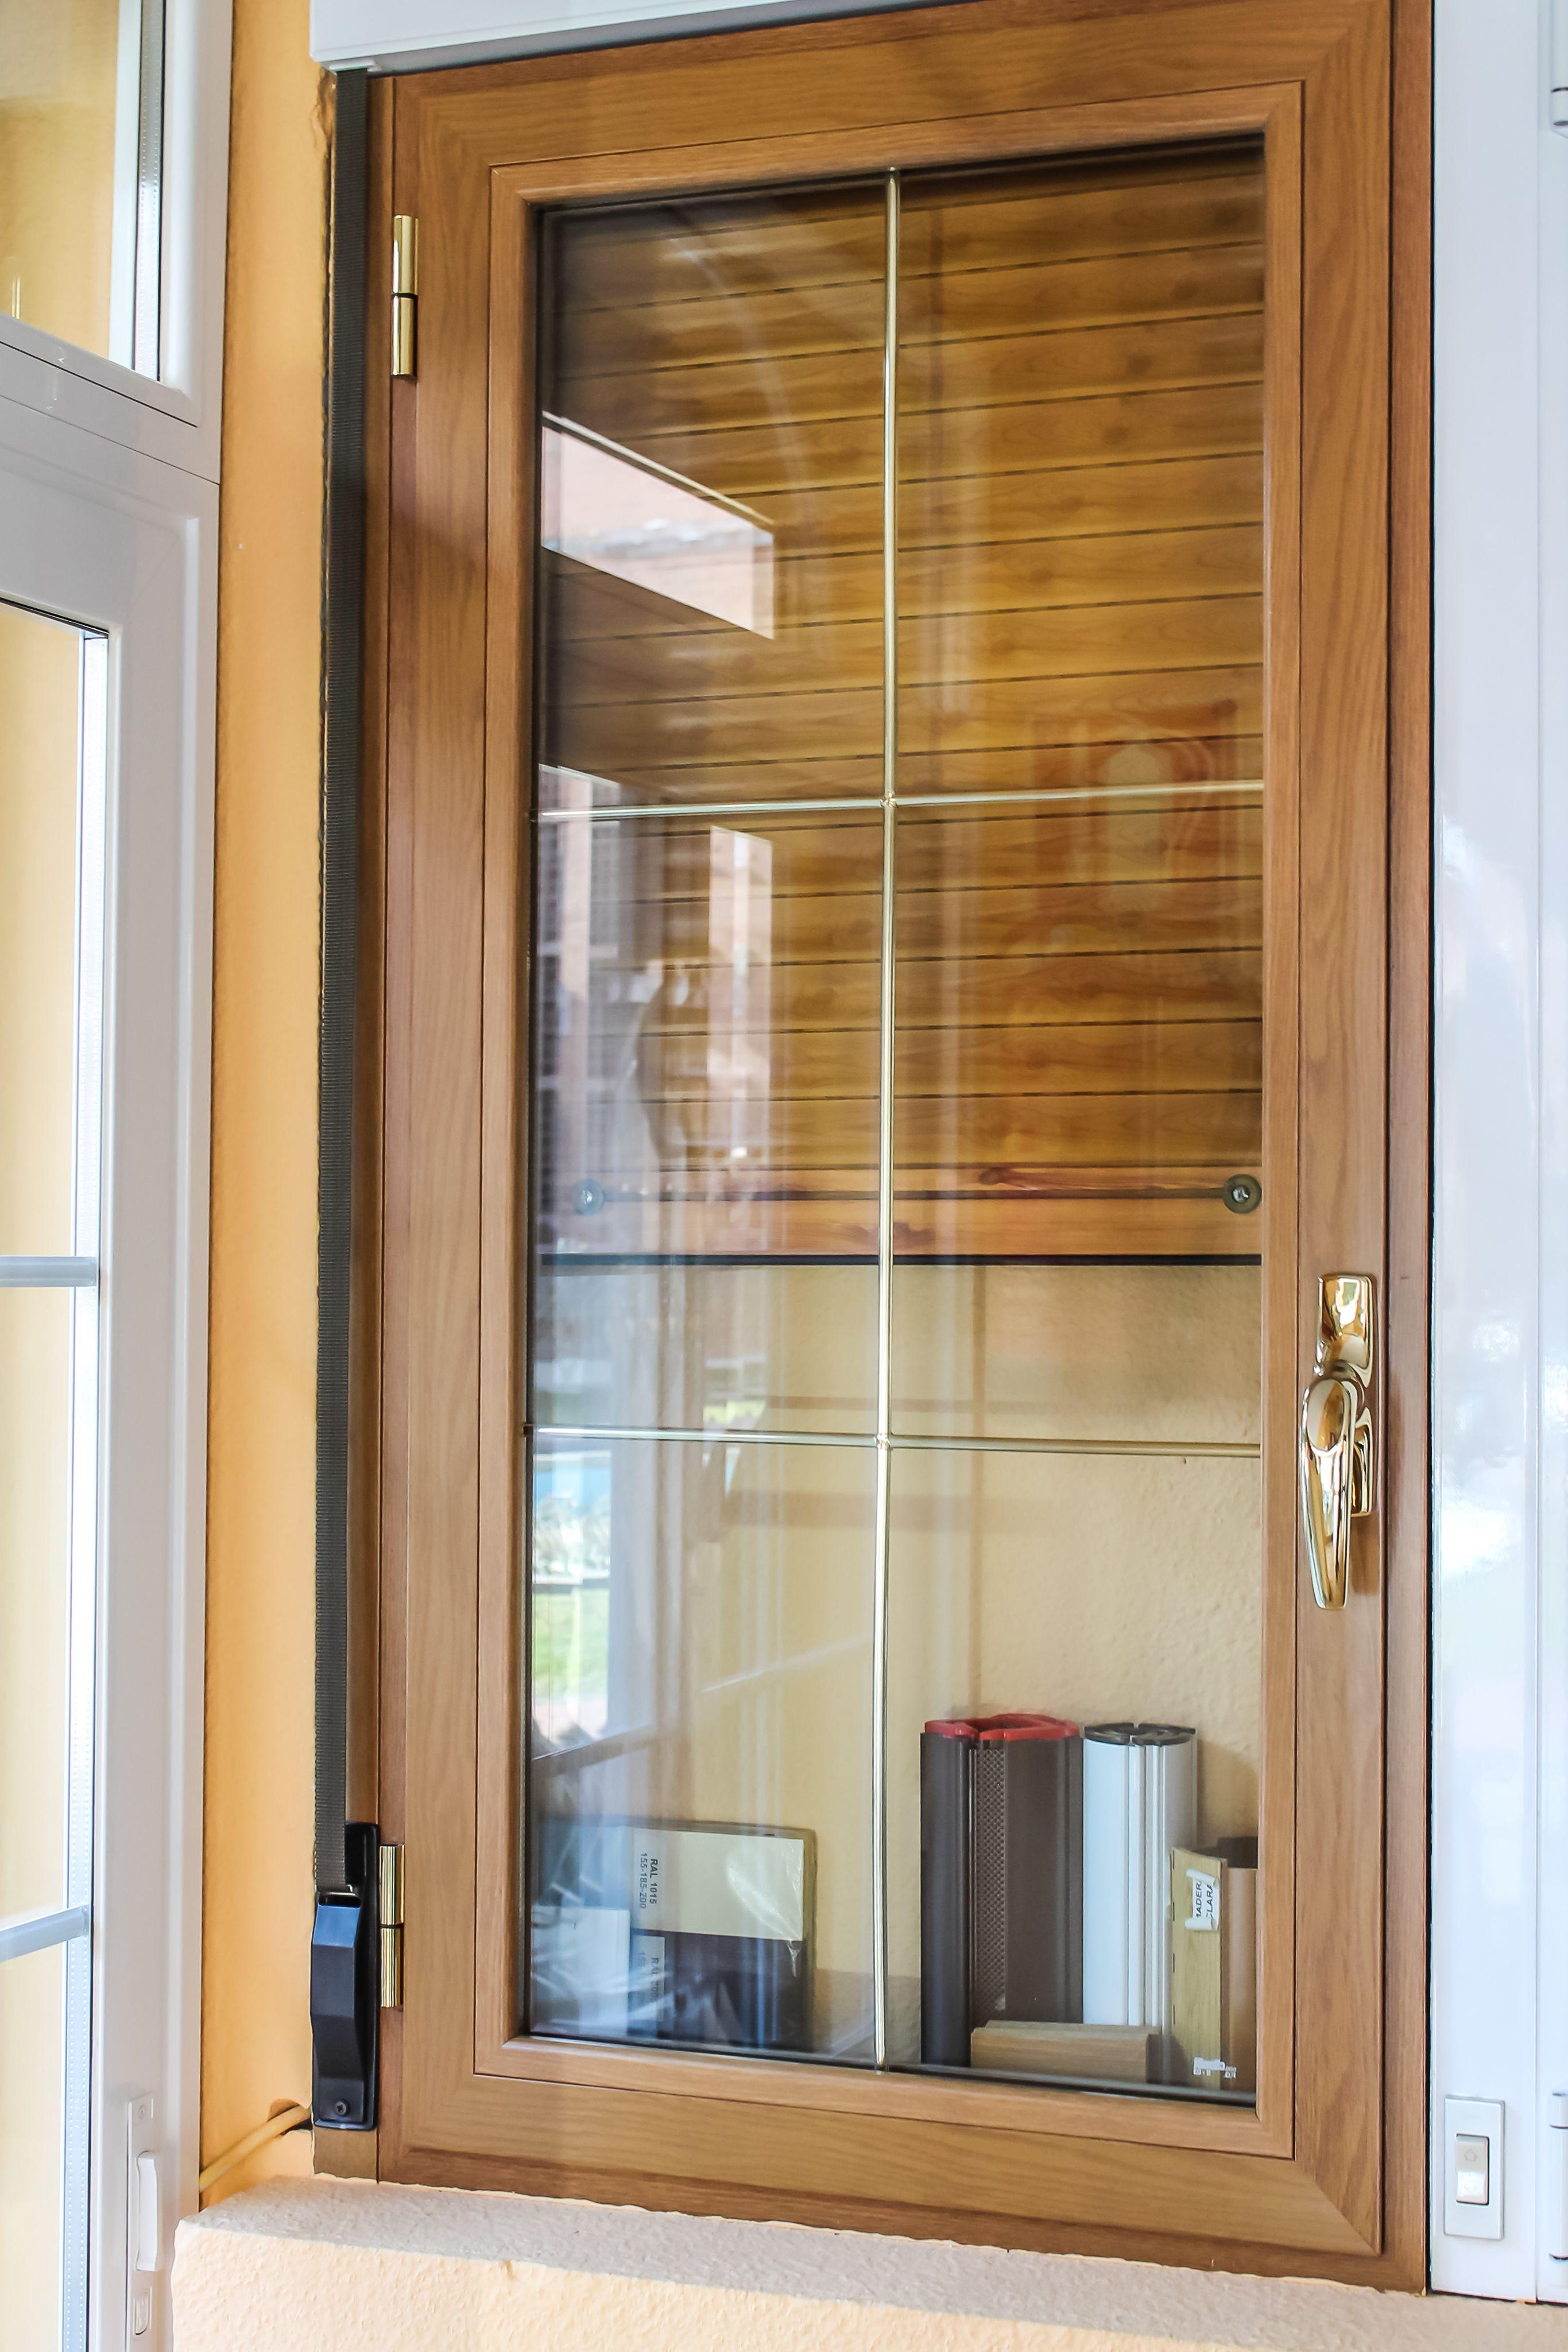 Foto 4 de carpinter a de aluminio met lica y pvc en - Carpinteria leganes ...